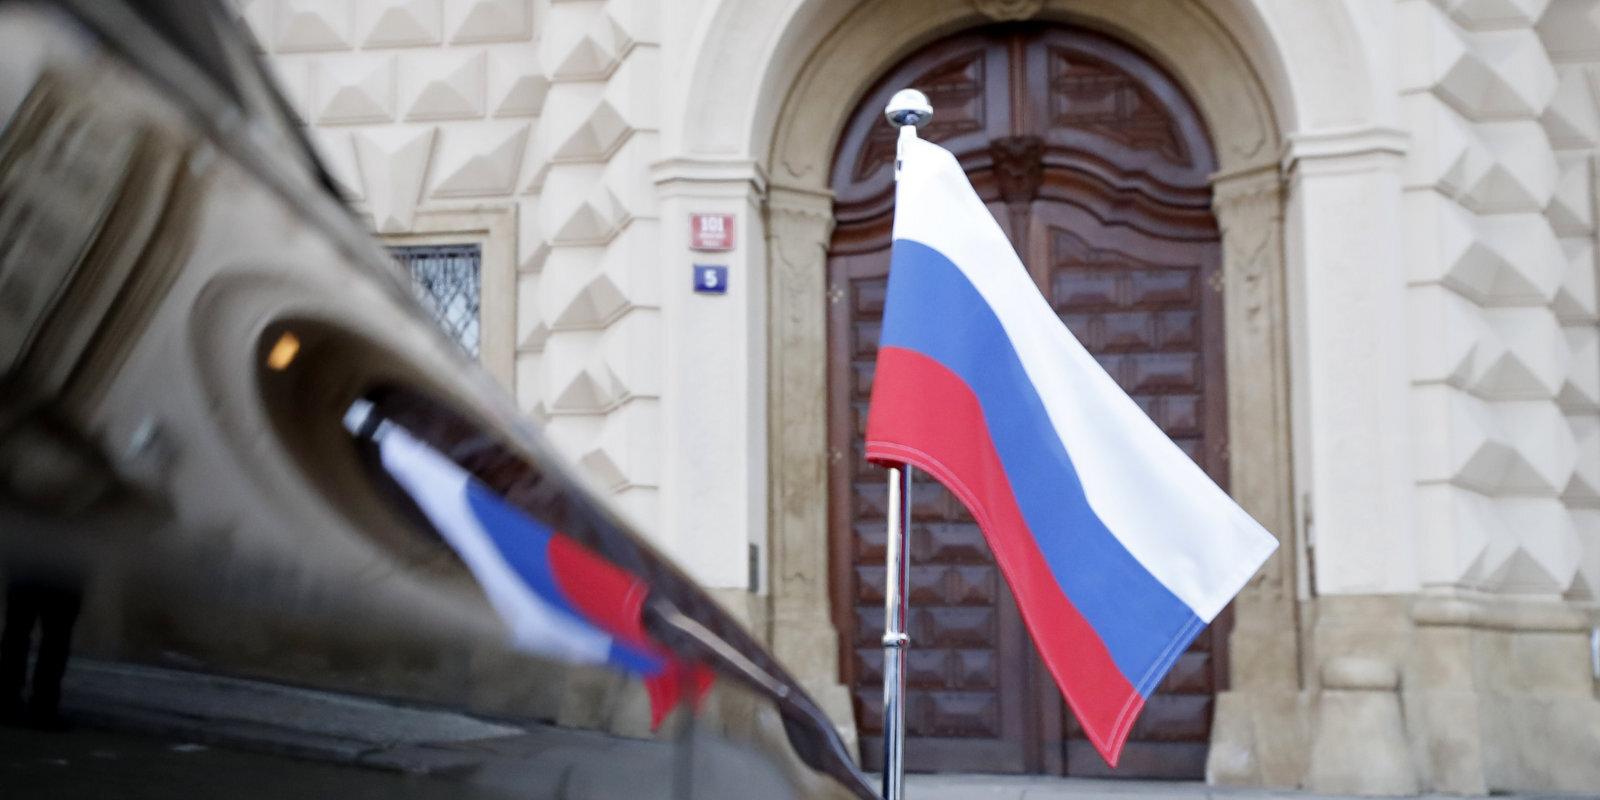 Дипломатические высылки: этикет или новый кризис в отношениях России и ЕС?